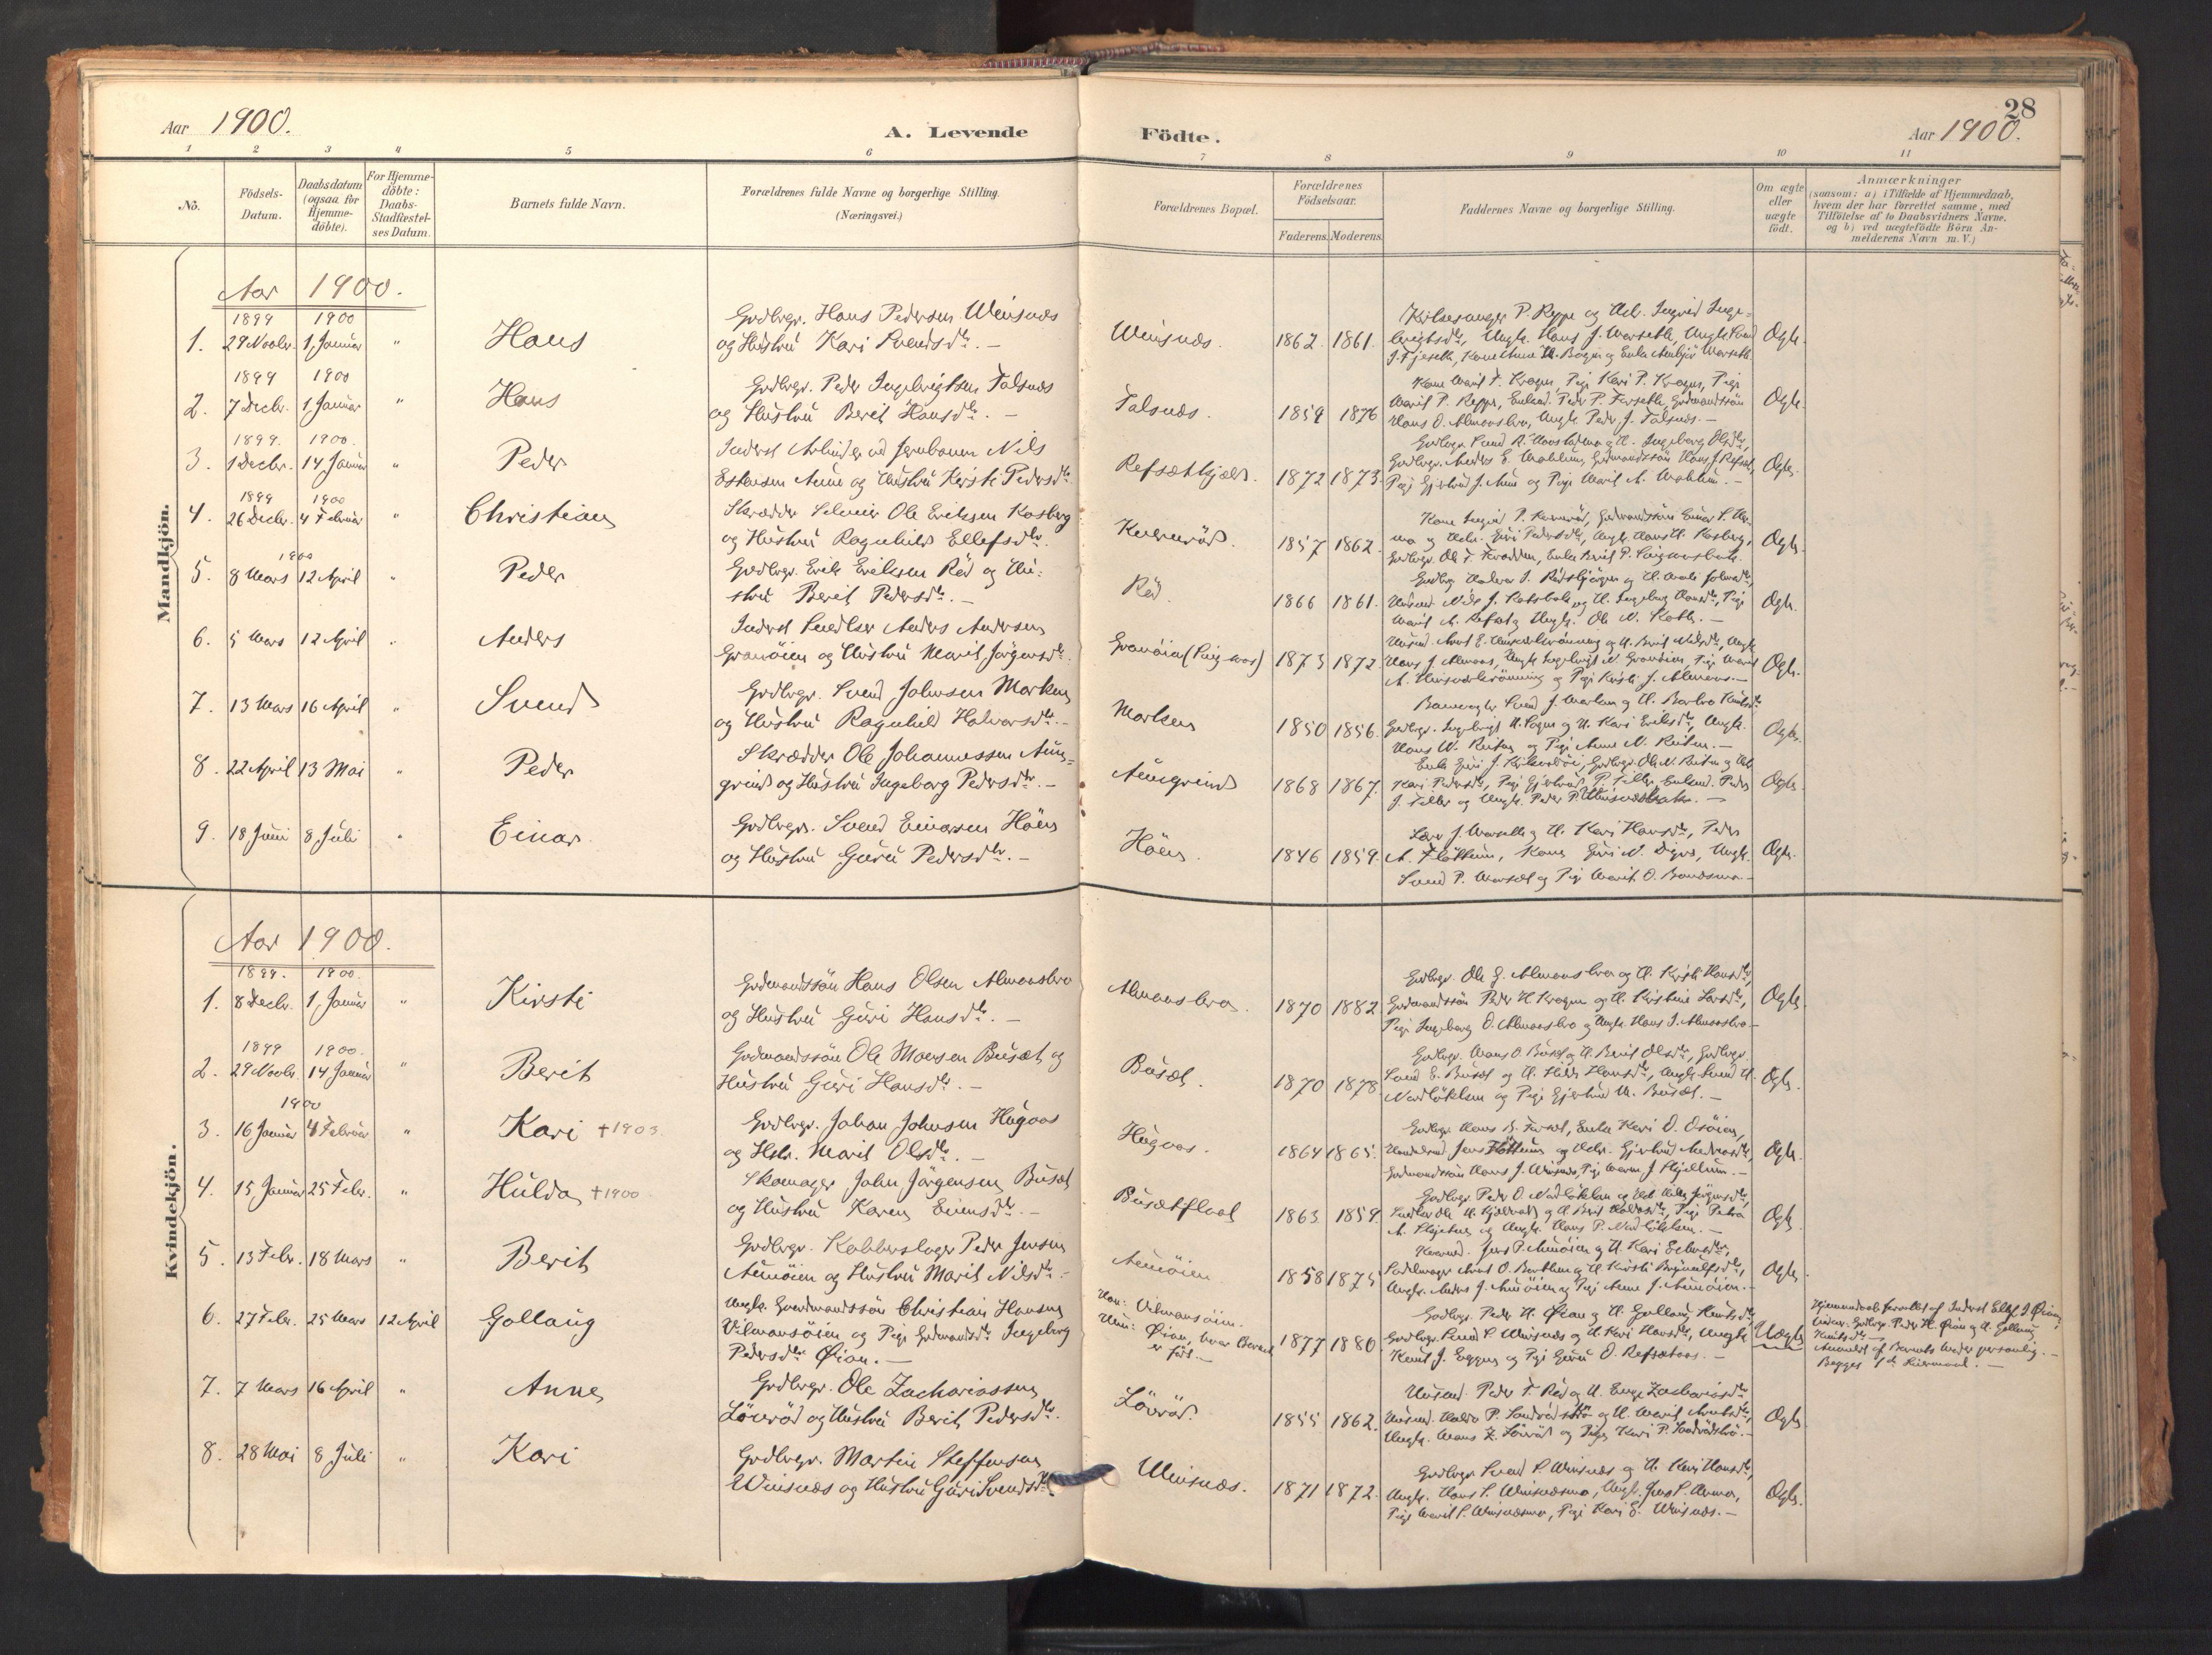 SAT, Ministerialprotokoller, klokkerbøker og fødselsregistre - Sør-Trøndelag, 688/L1025: Ministerialbok nr. 688A02, 1891-1909, s. 28